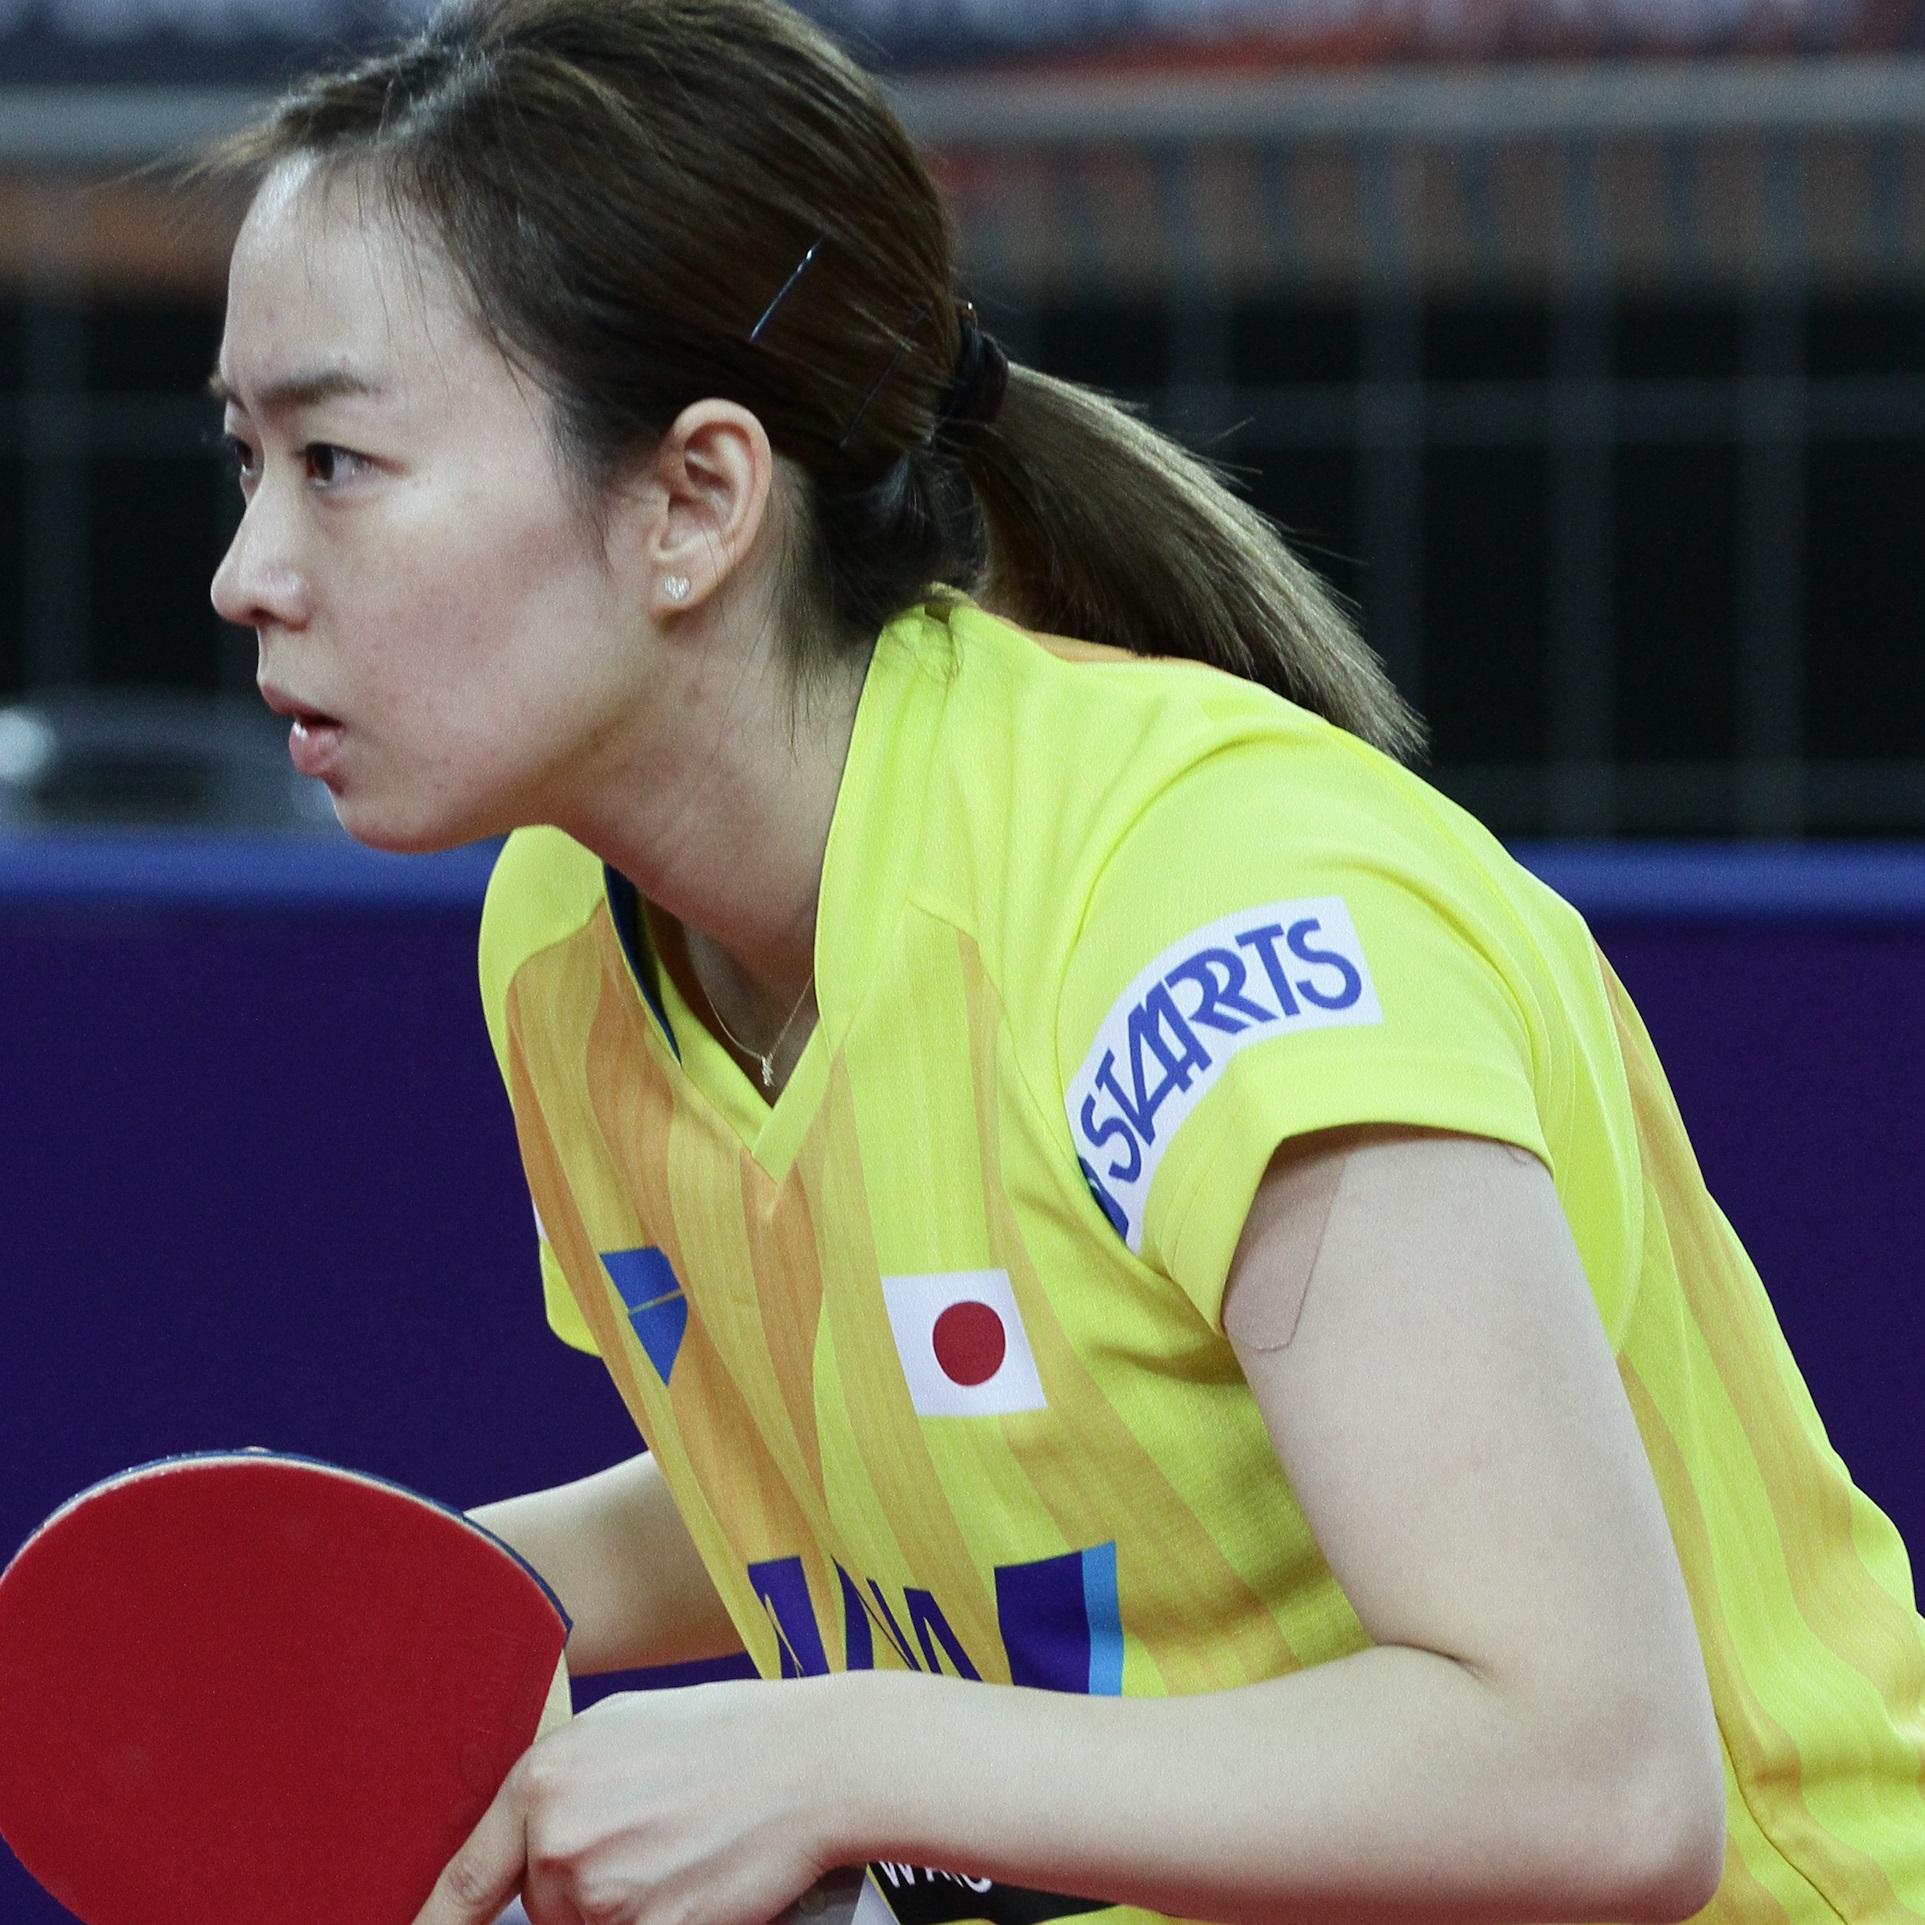 石川佳純vs早田ひなのサウスポー頂上決戦!全日本卓球、前半の見どころ